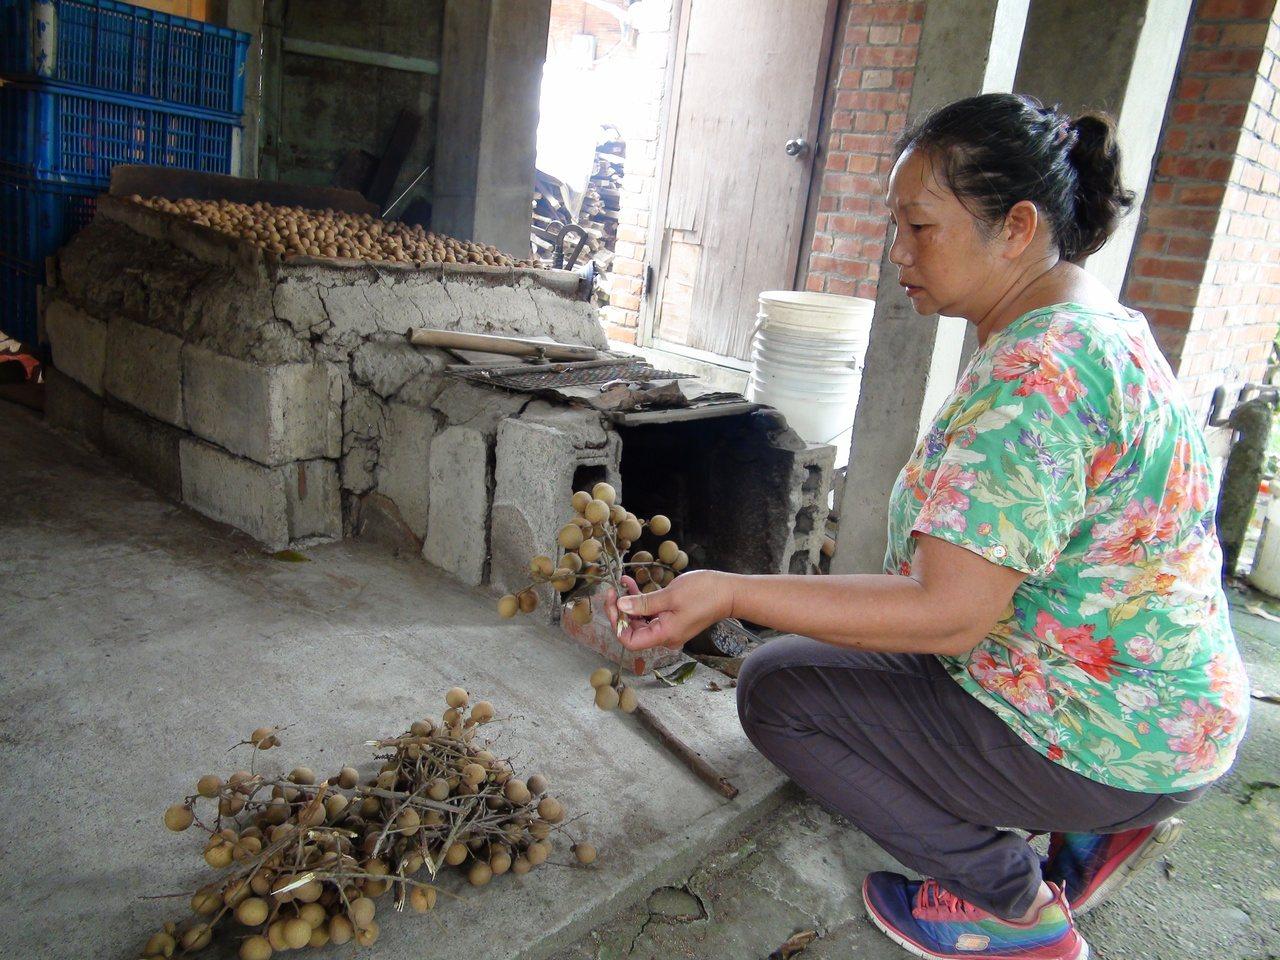 今年受到氣候影響,龍眼大幅減產,雲林縣斗六市湖山社區以柴燒烘焙的龍眼乾,不得已暫...